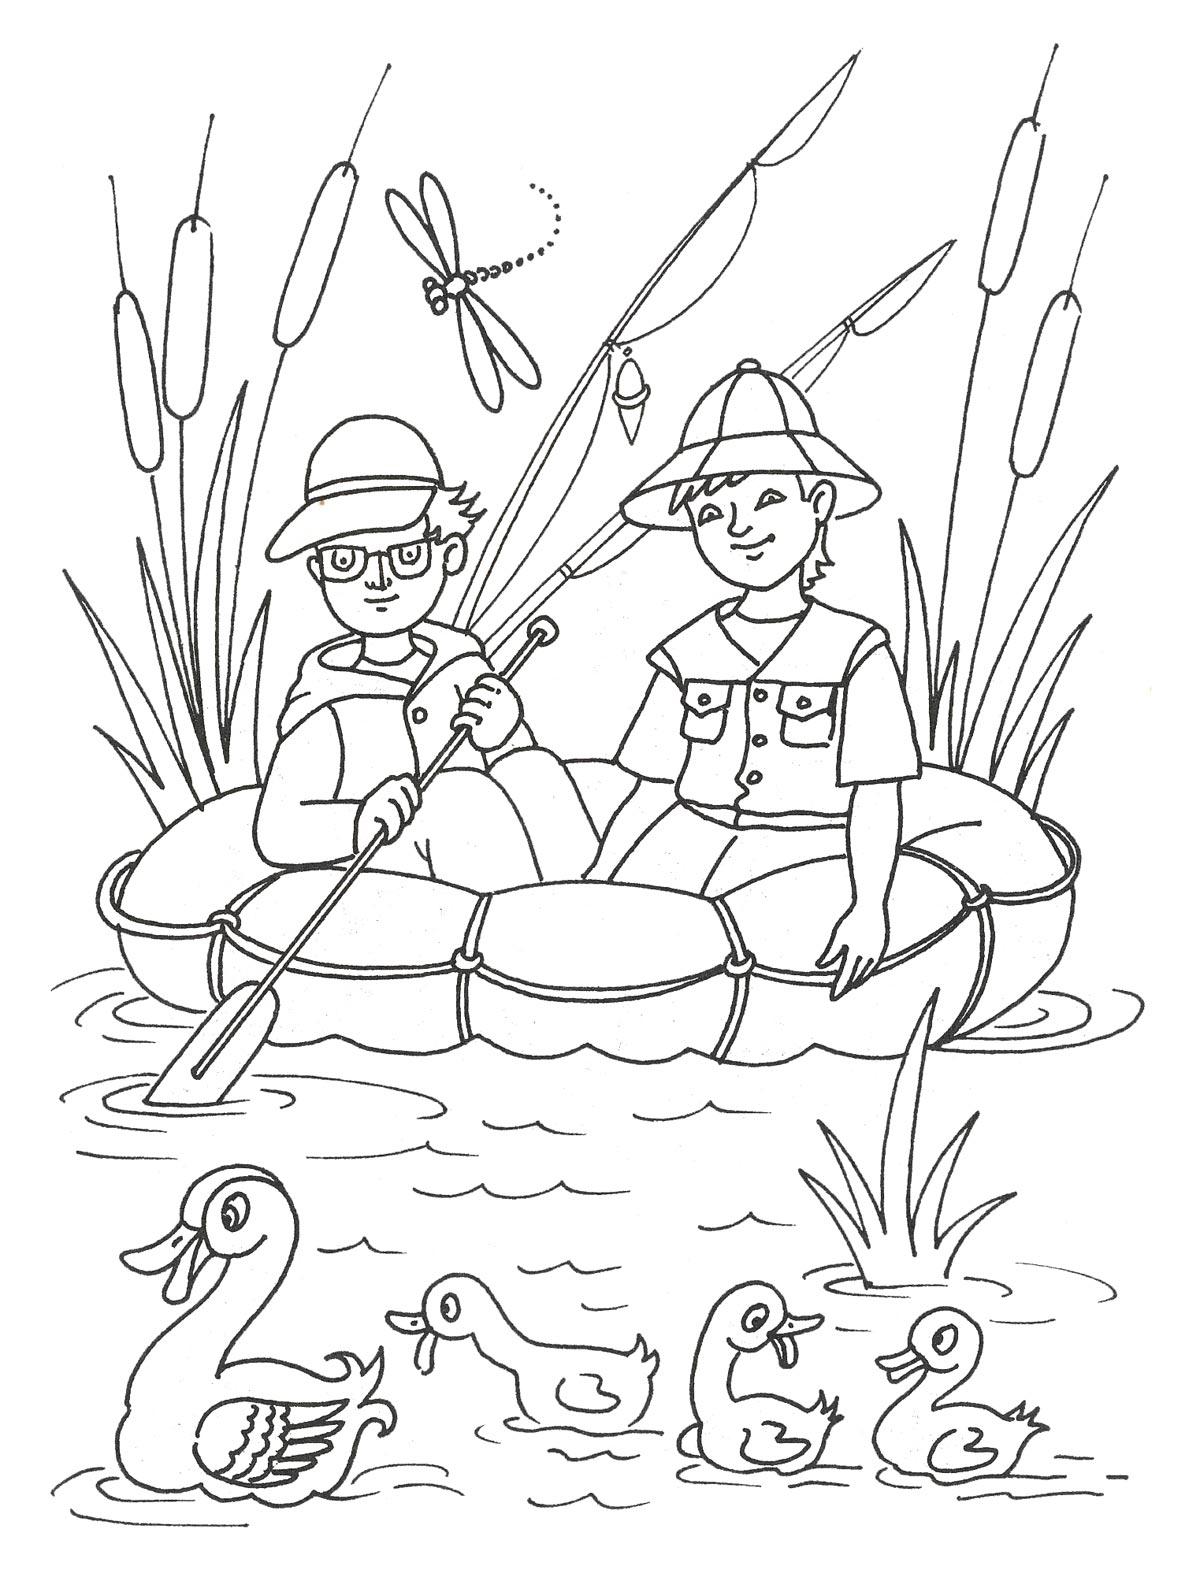 Игра раскраска для девочек и для мальчиков